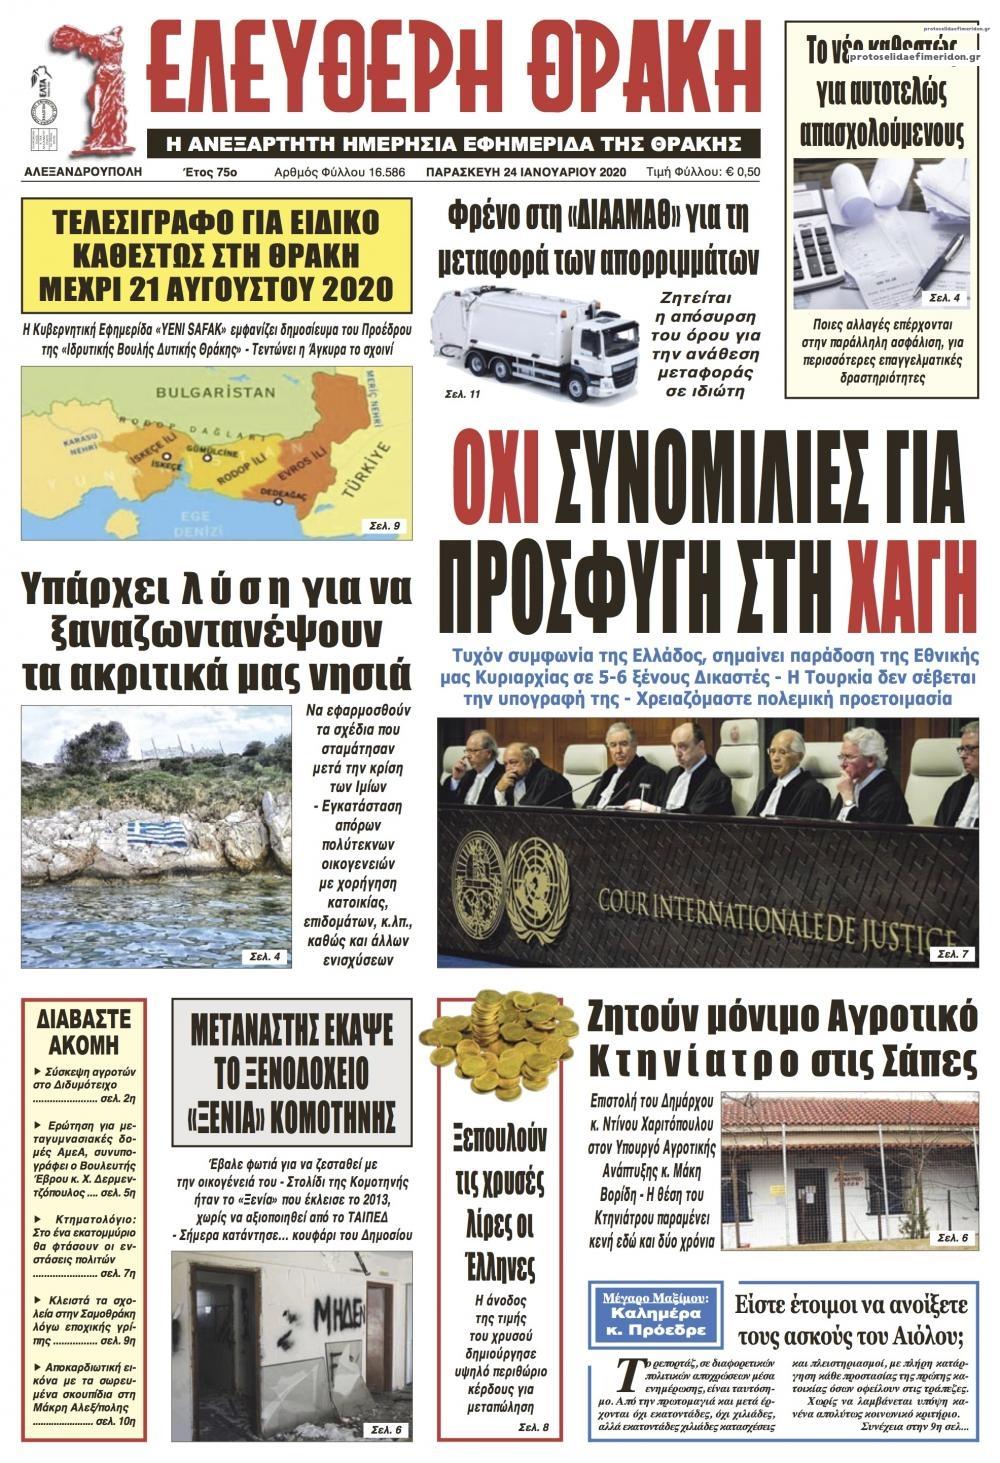 Πρωτοσέλιδο εφημερίδας Ελεύθερη Θράκη